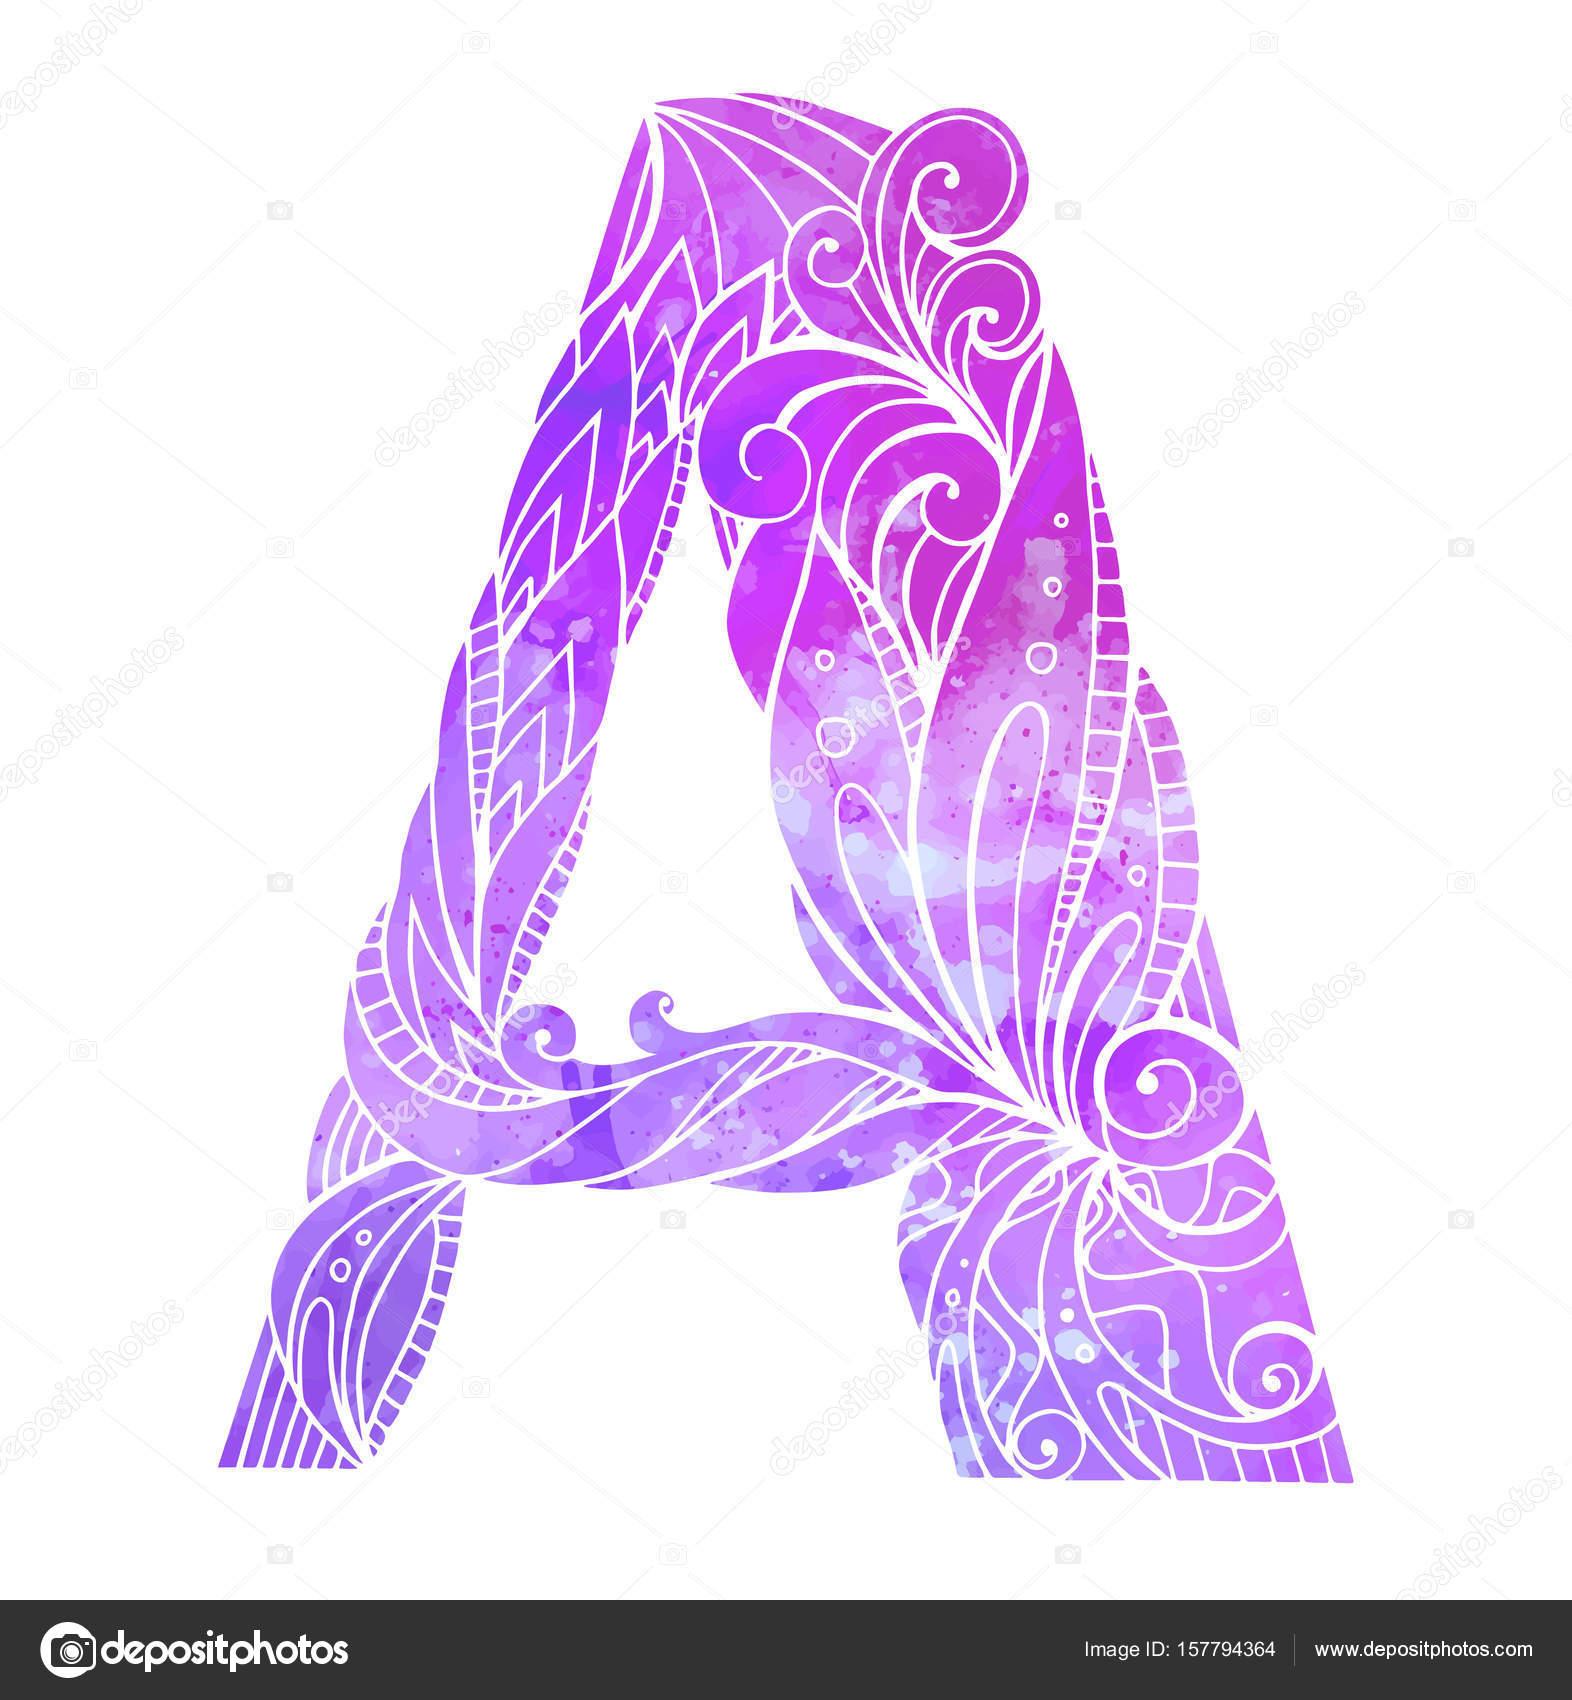 Colorear a mano alzada dibujo Letra capital A — Archivo Imágenes ...